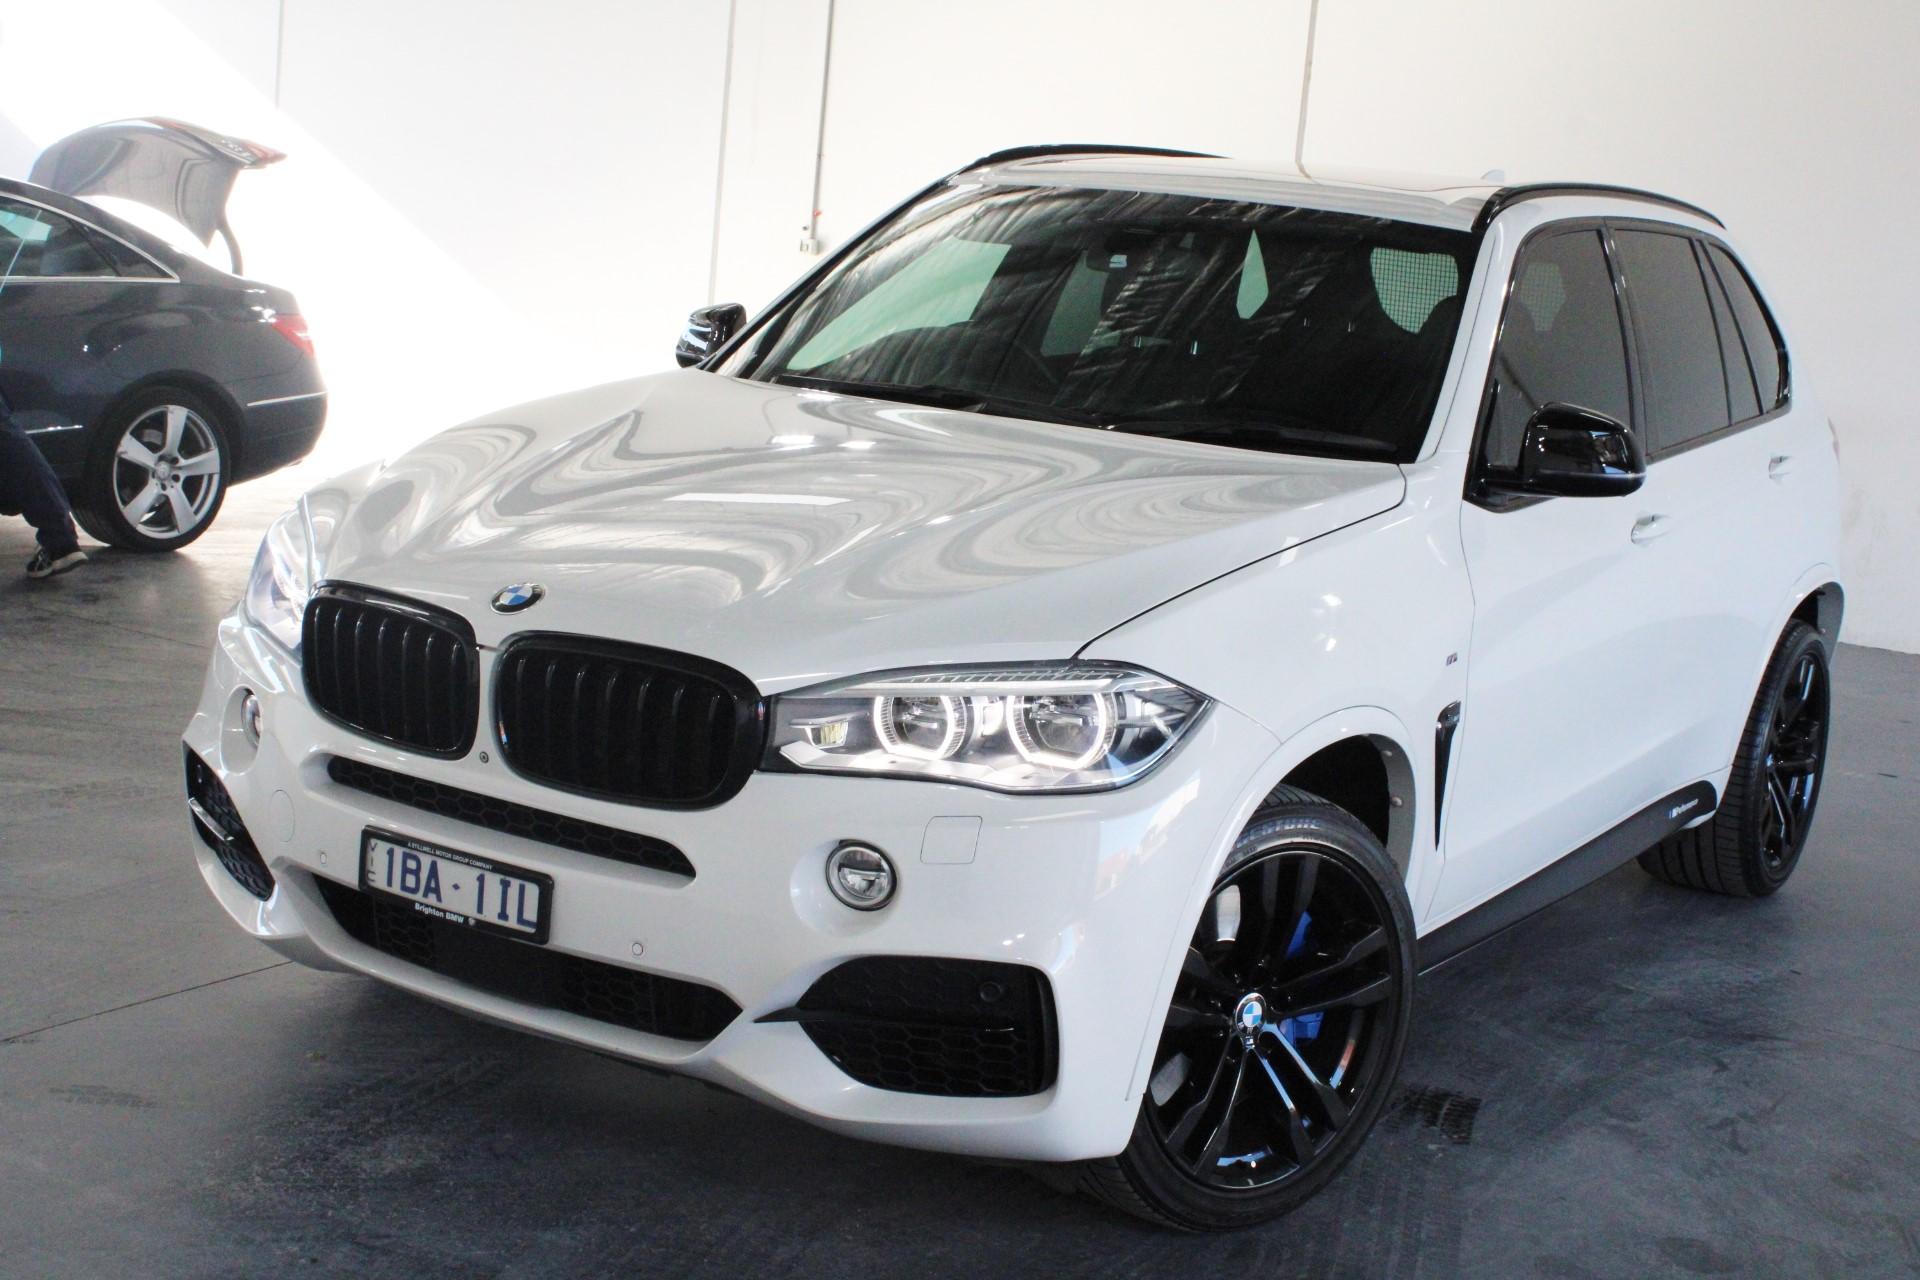 2013 BMW X5 M50d F15 Turbo Diesel Automatic - 8 Speed Wagon